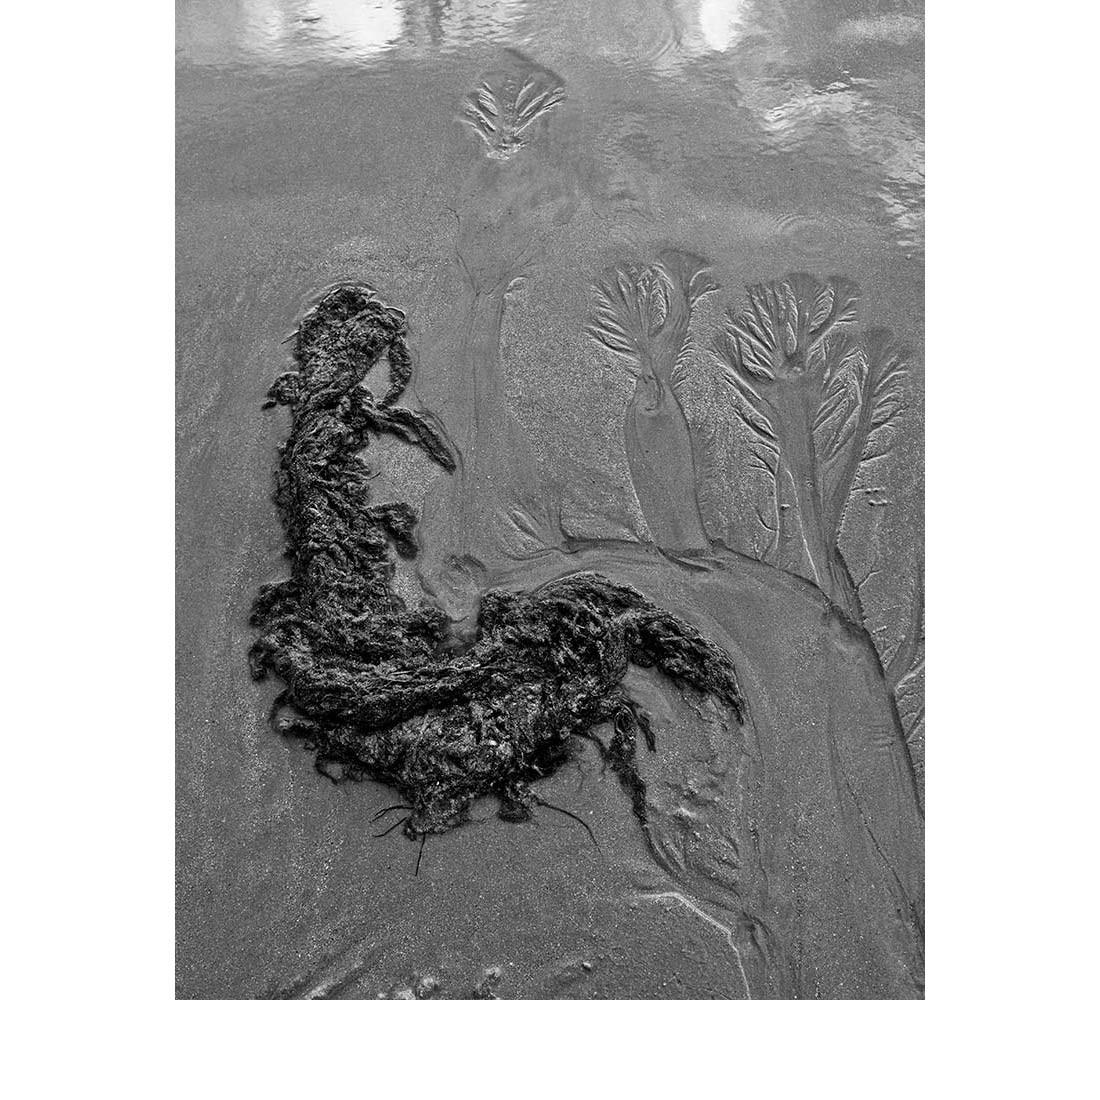 Dessins d'eau © Photographie : Michel Ducrot